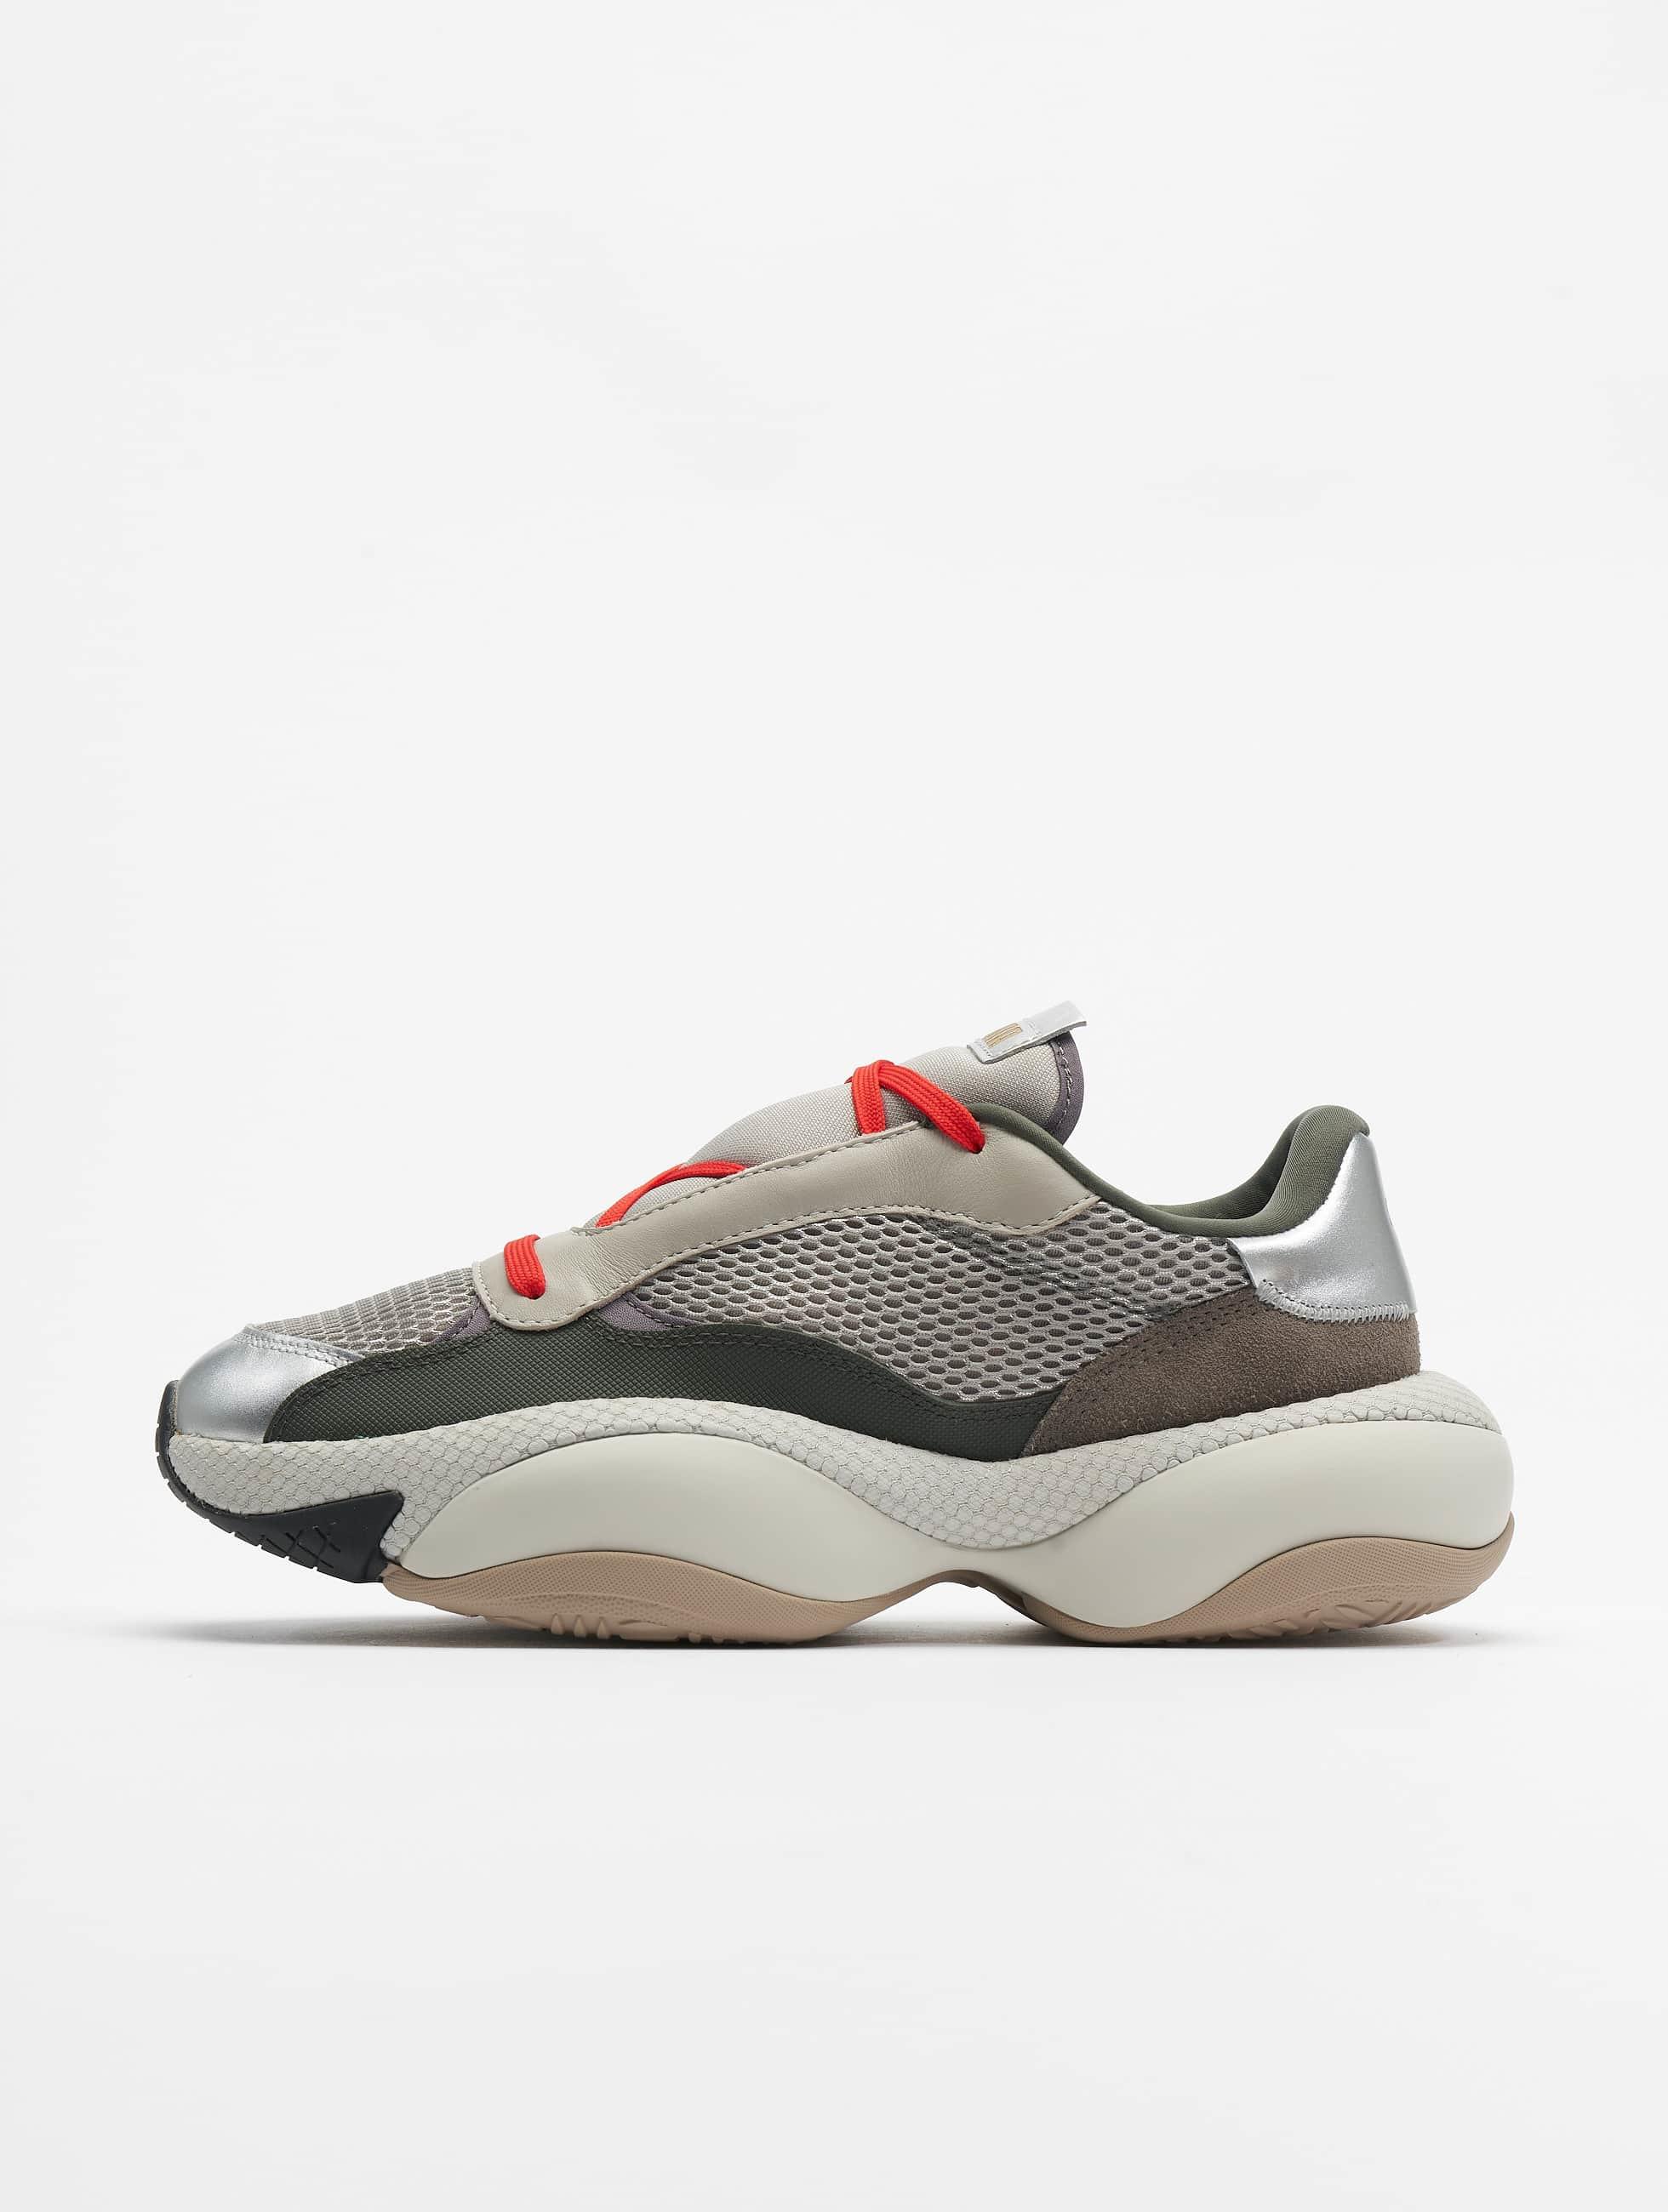 Puma Alteration PN 2 Sneakers Puma SilvernLimestone